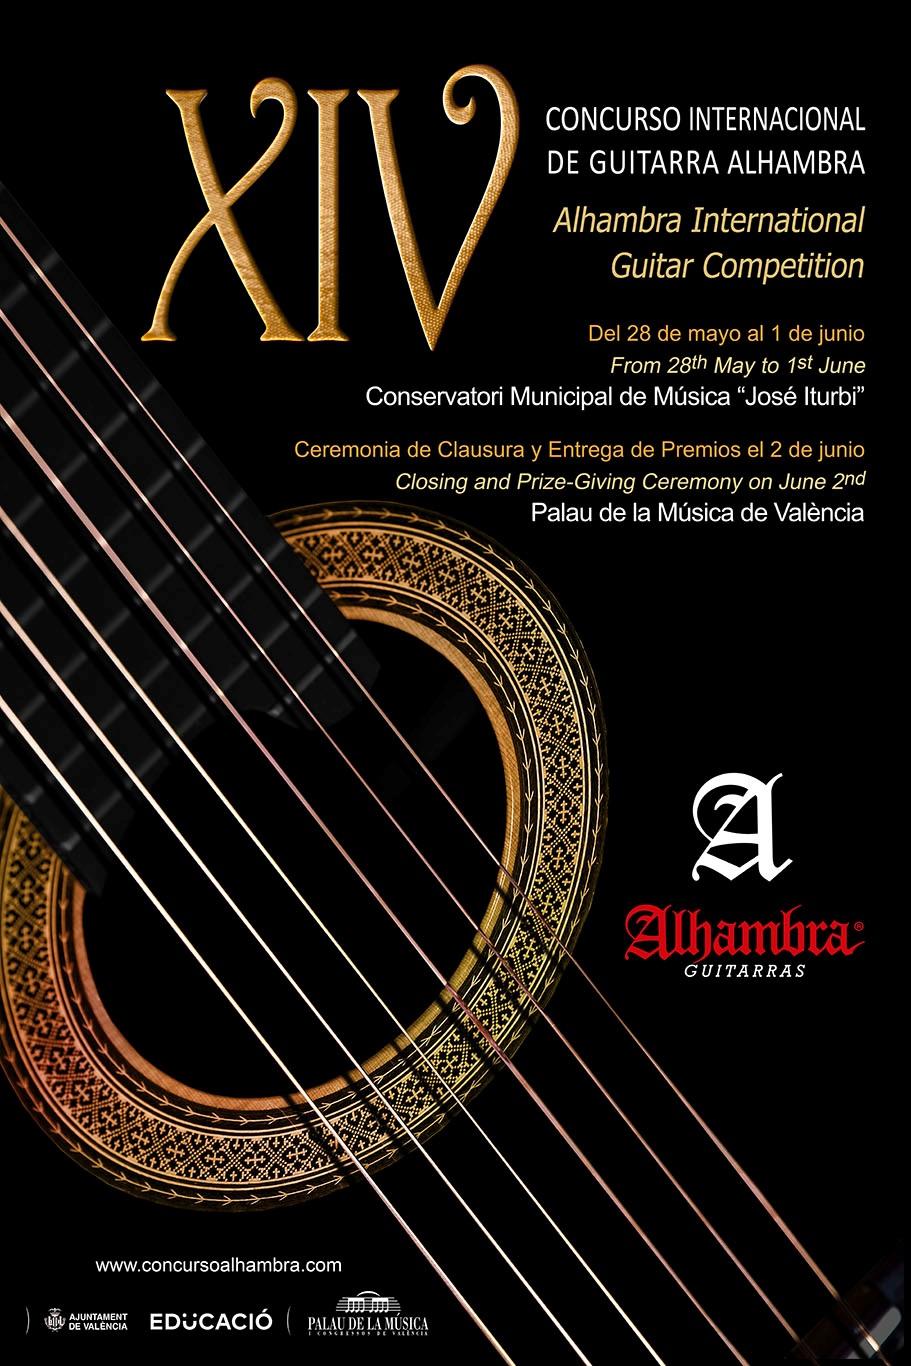 Concurso Alhambra 2018 y la apuesta por la Guitarra Española